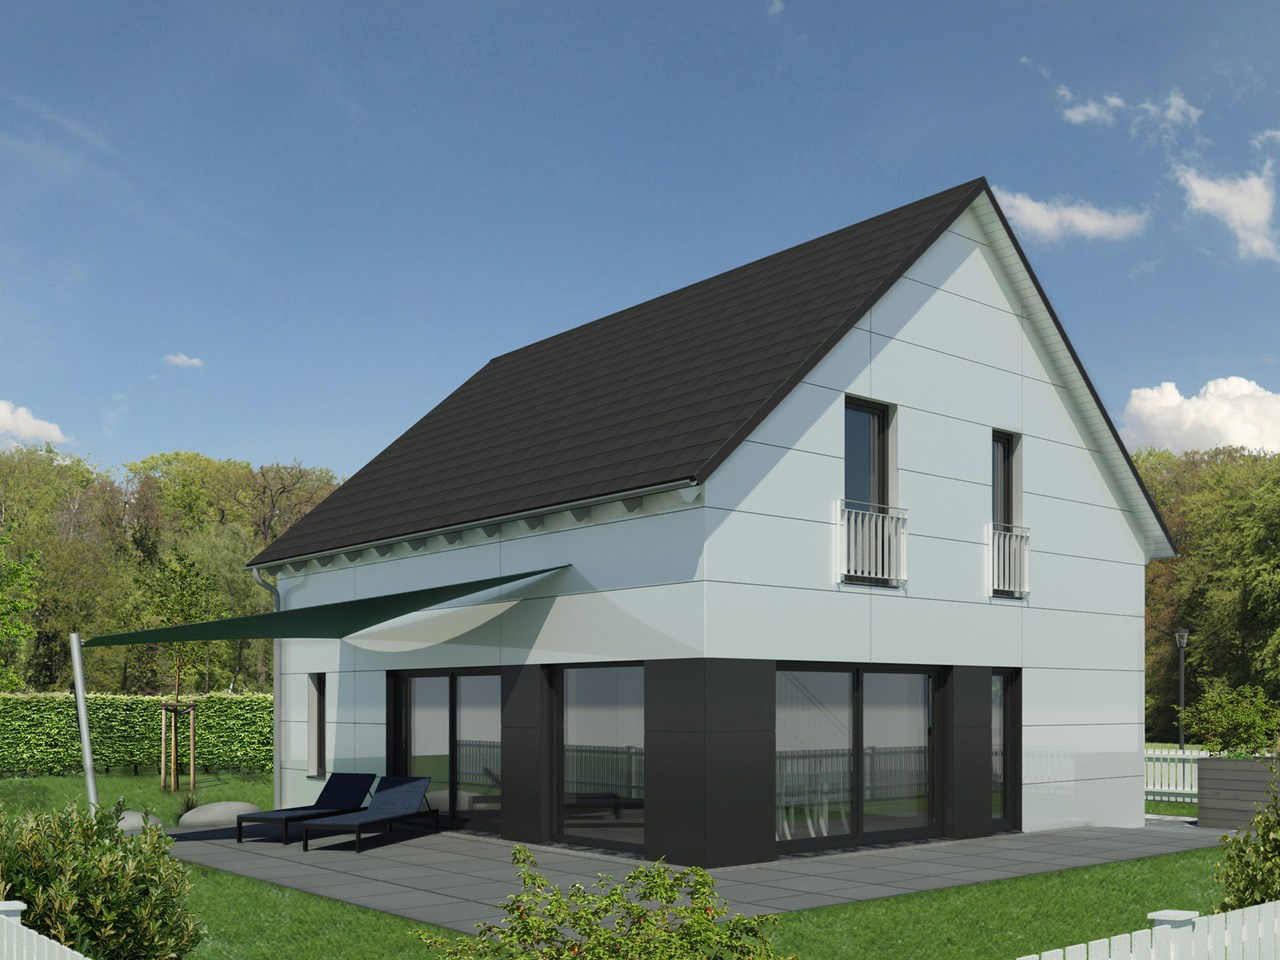 Einfamilienhaus Chausseestraße 132 - Ansicht 2